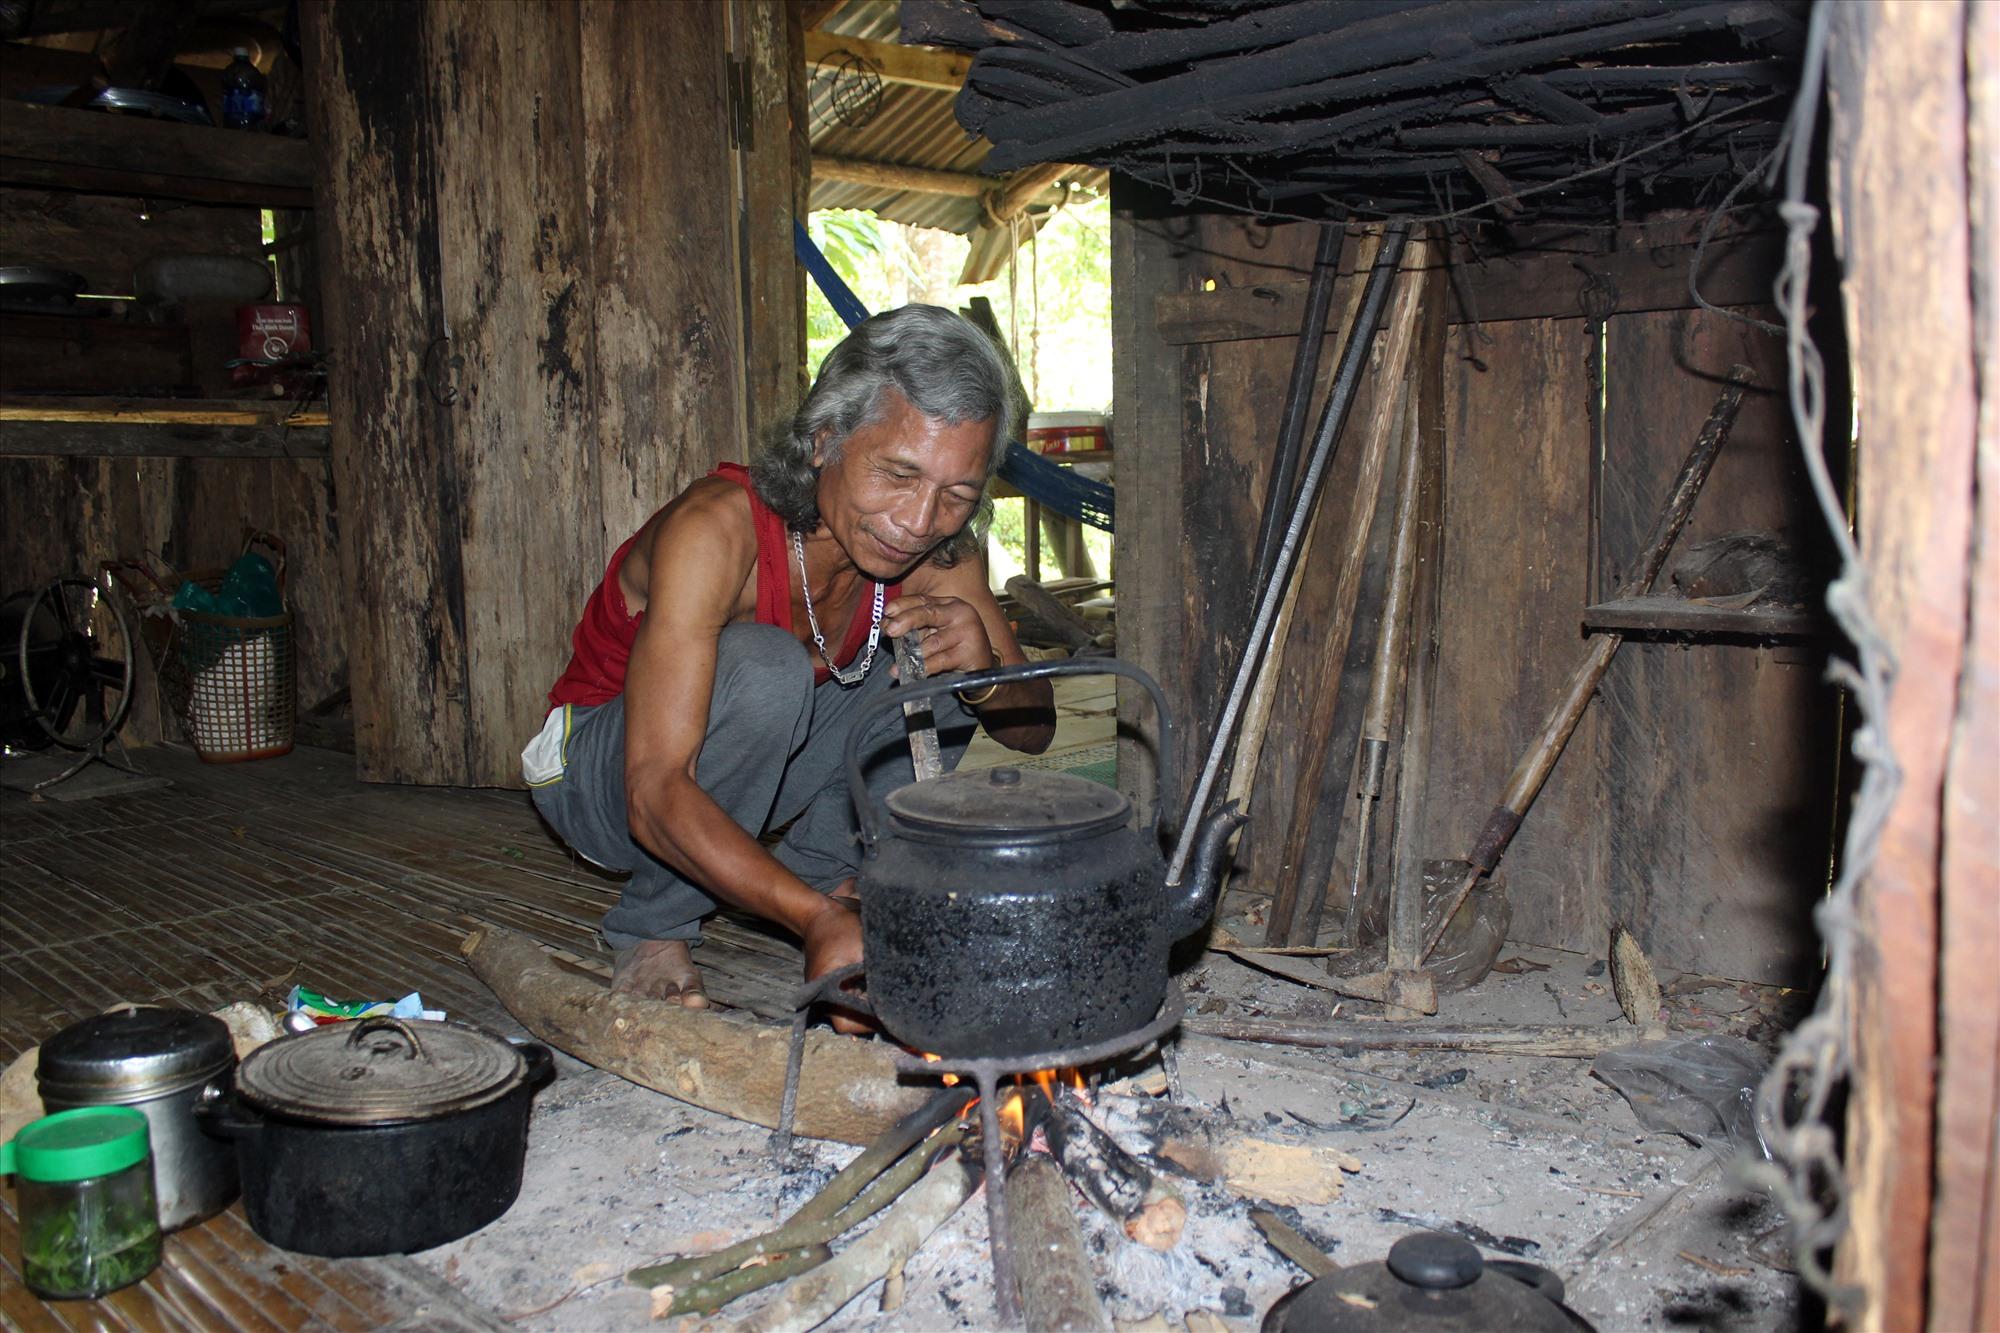 Ông Bhơriu Pố vừa hàn huyên chuyện công tác cán bộ vừa nấu nước tiếp khách dưới nhà bếp. Ảnh: BHƠRIU QUÂN